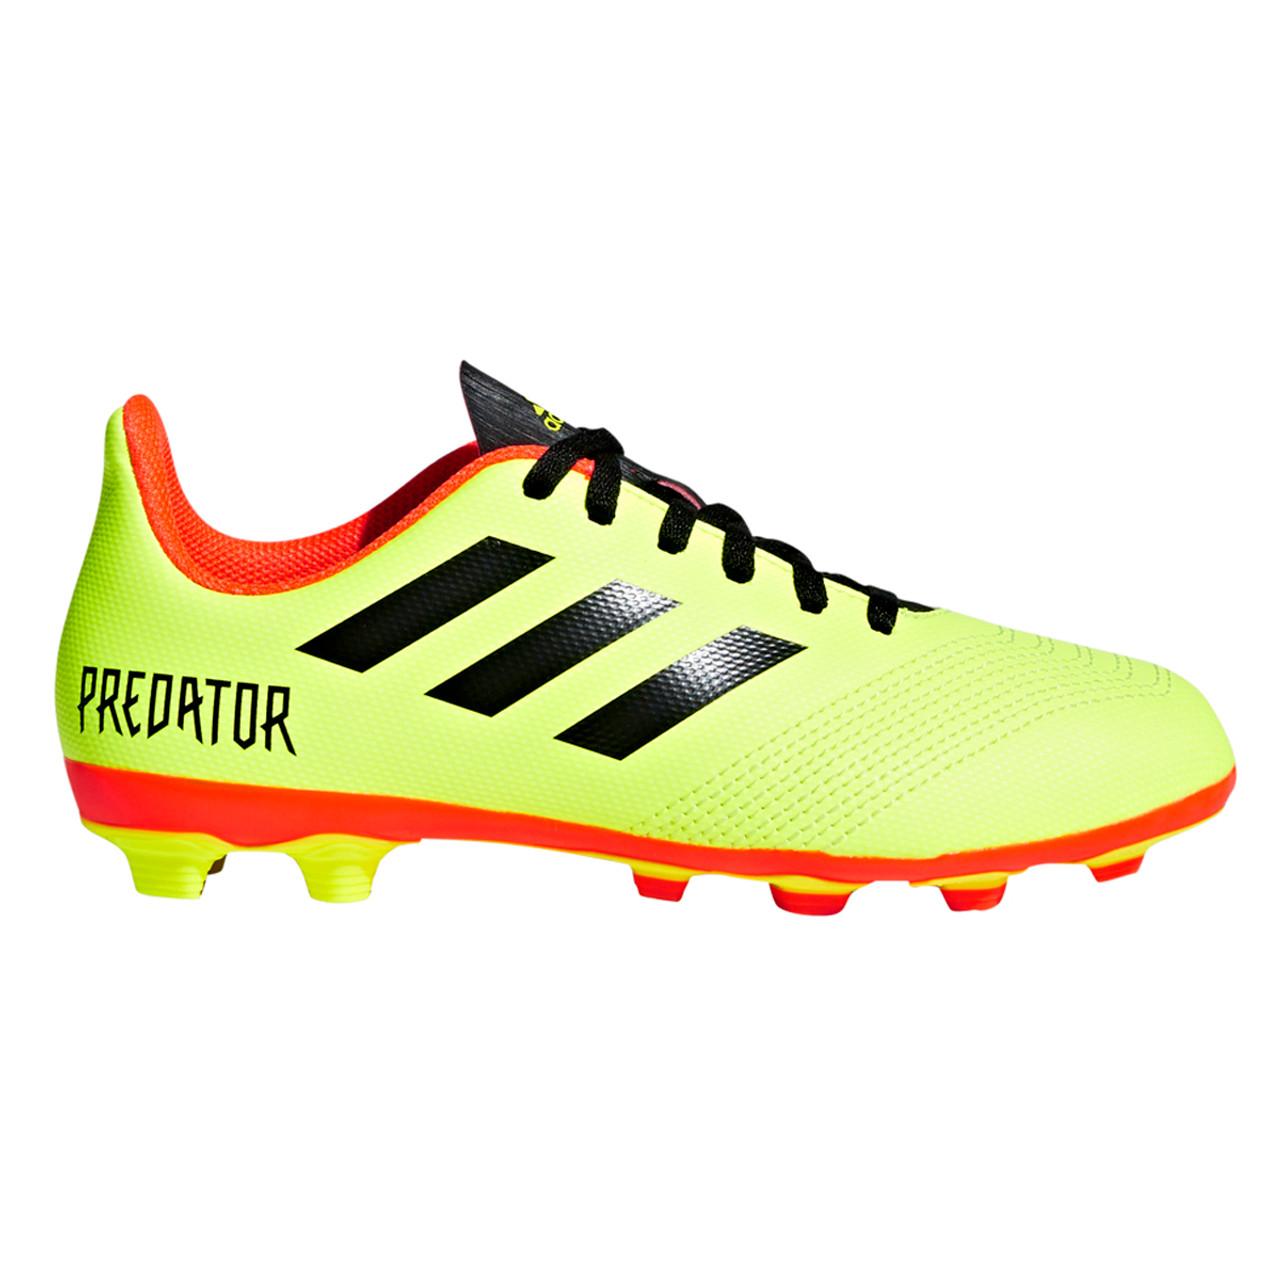 a1396dfae6b Adidas Predator 18.4 FxG Junior Soccer Cleats DB2321 ...